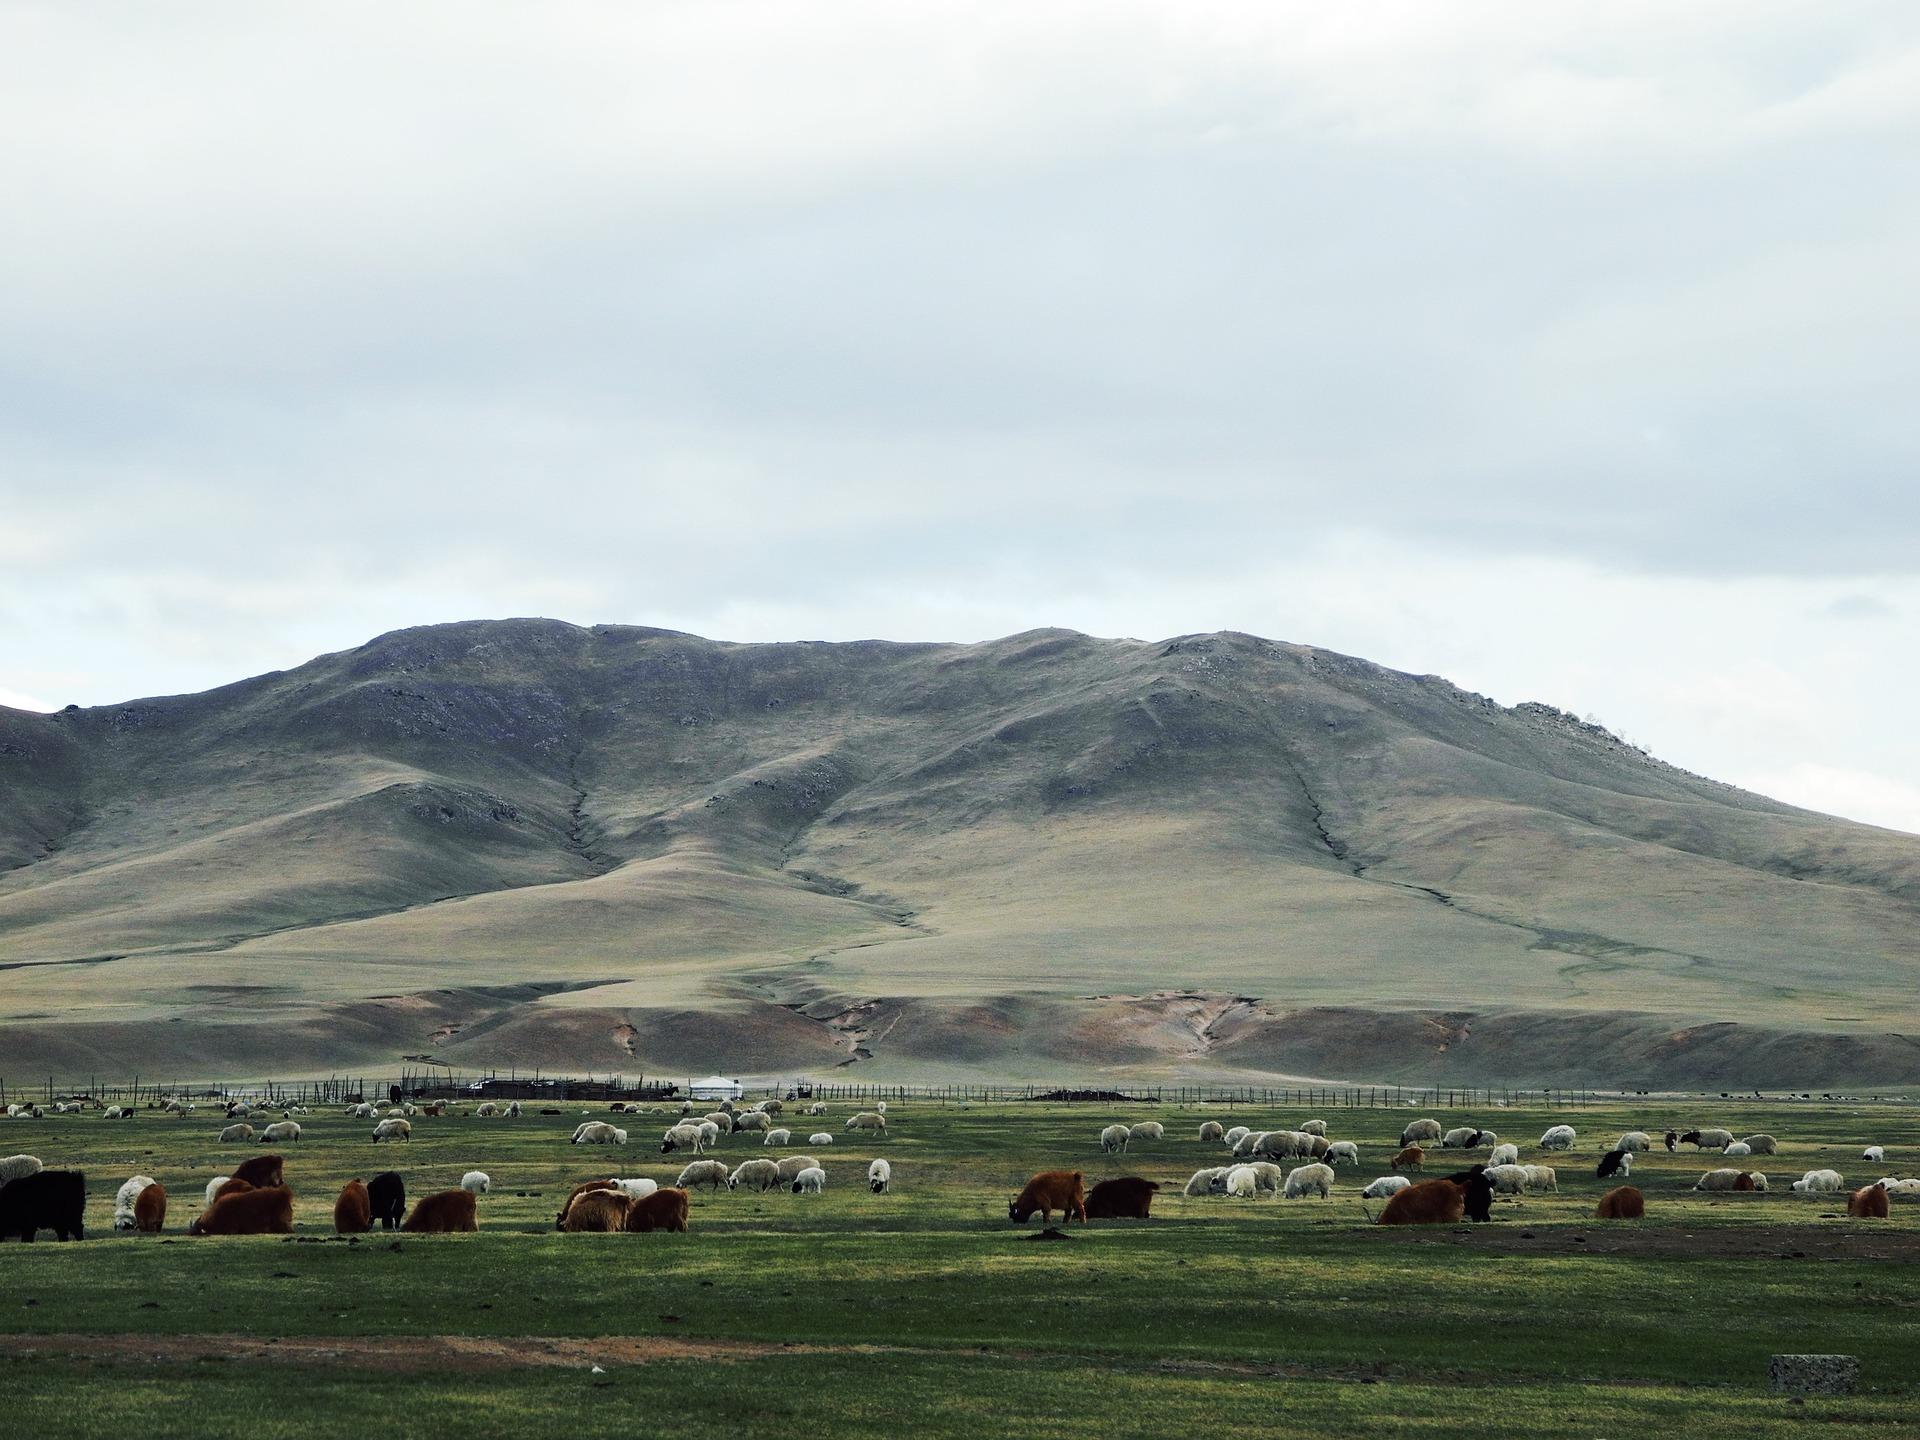 Mongolian Handicraft Trade Fair Sheep